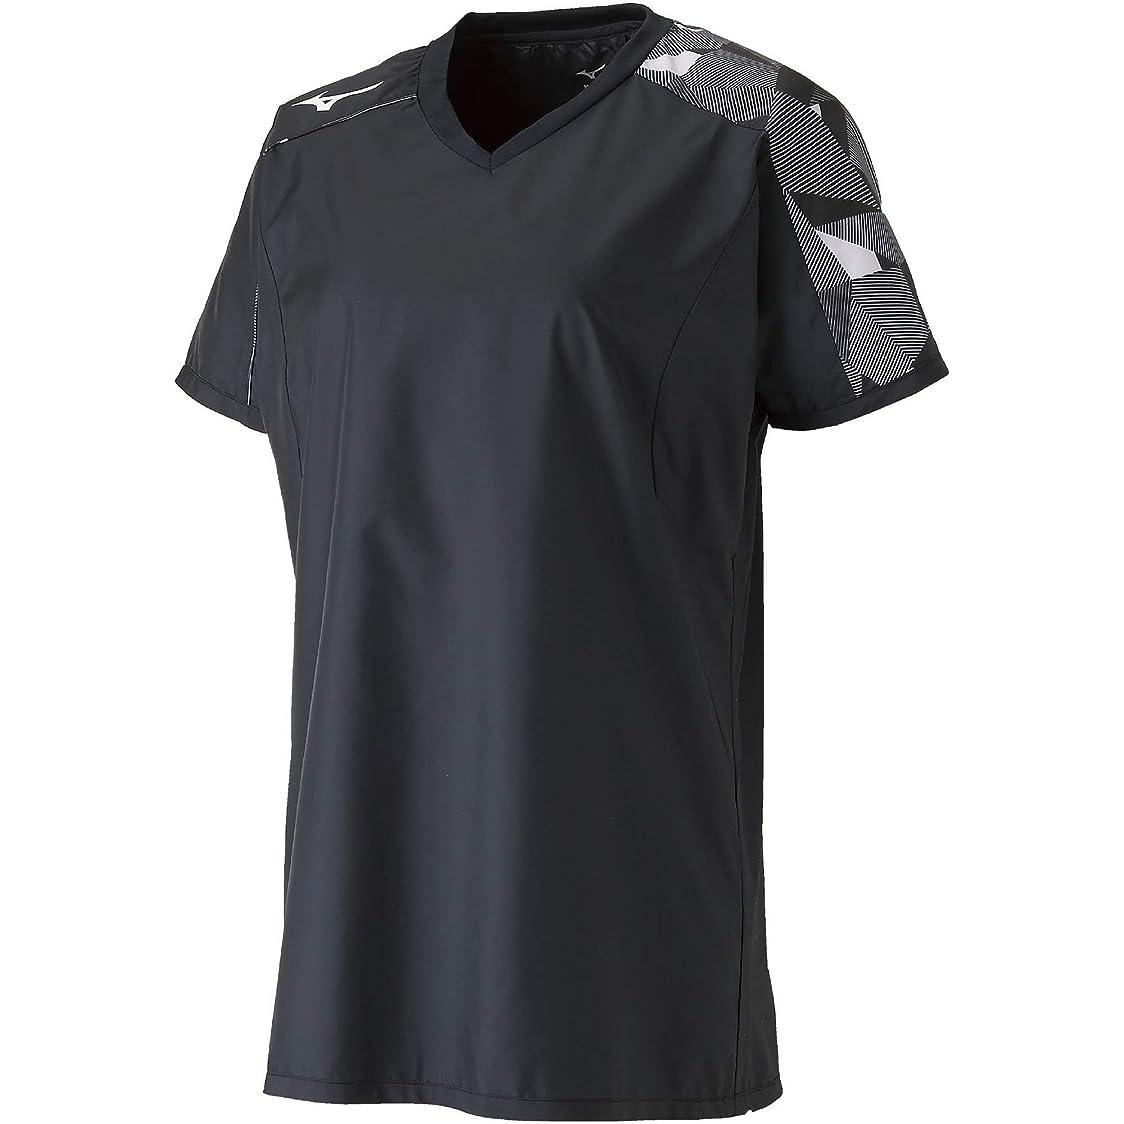 はっきりしないトラフィック放置[Mizuno] バレーボールウエア ブレーカーシャツ(半袖) V2ME8701 レディース